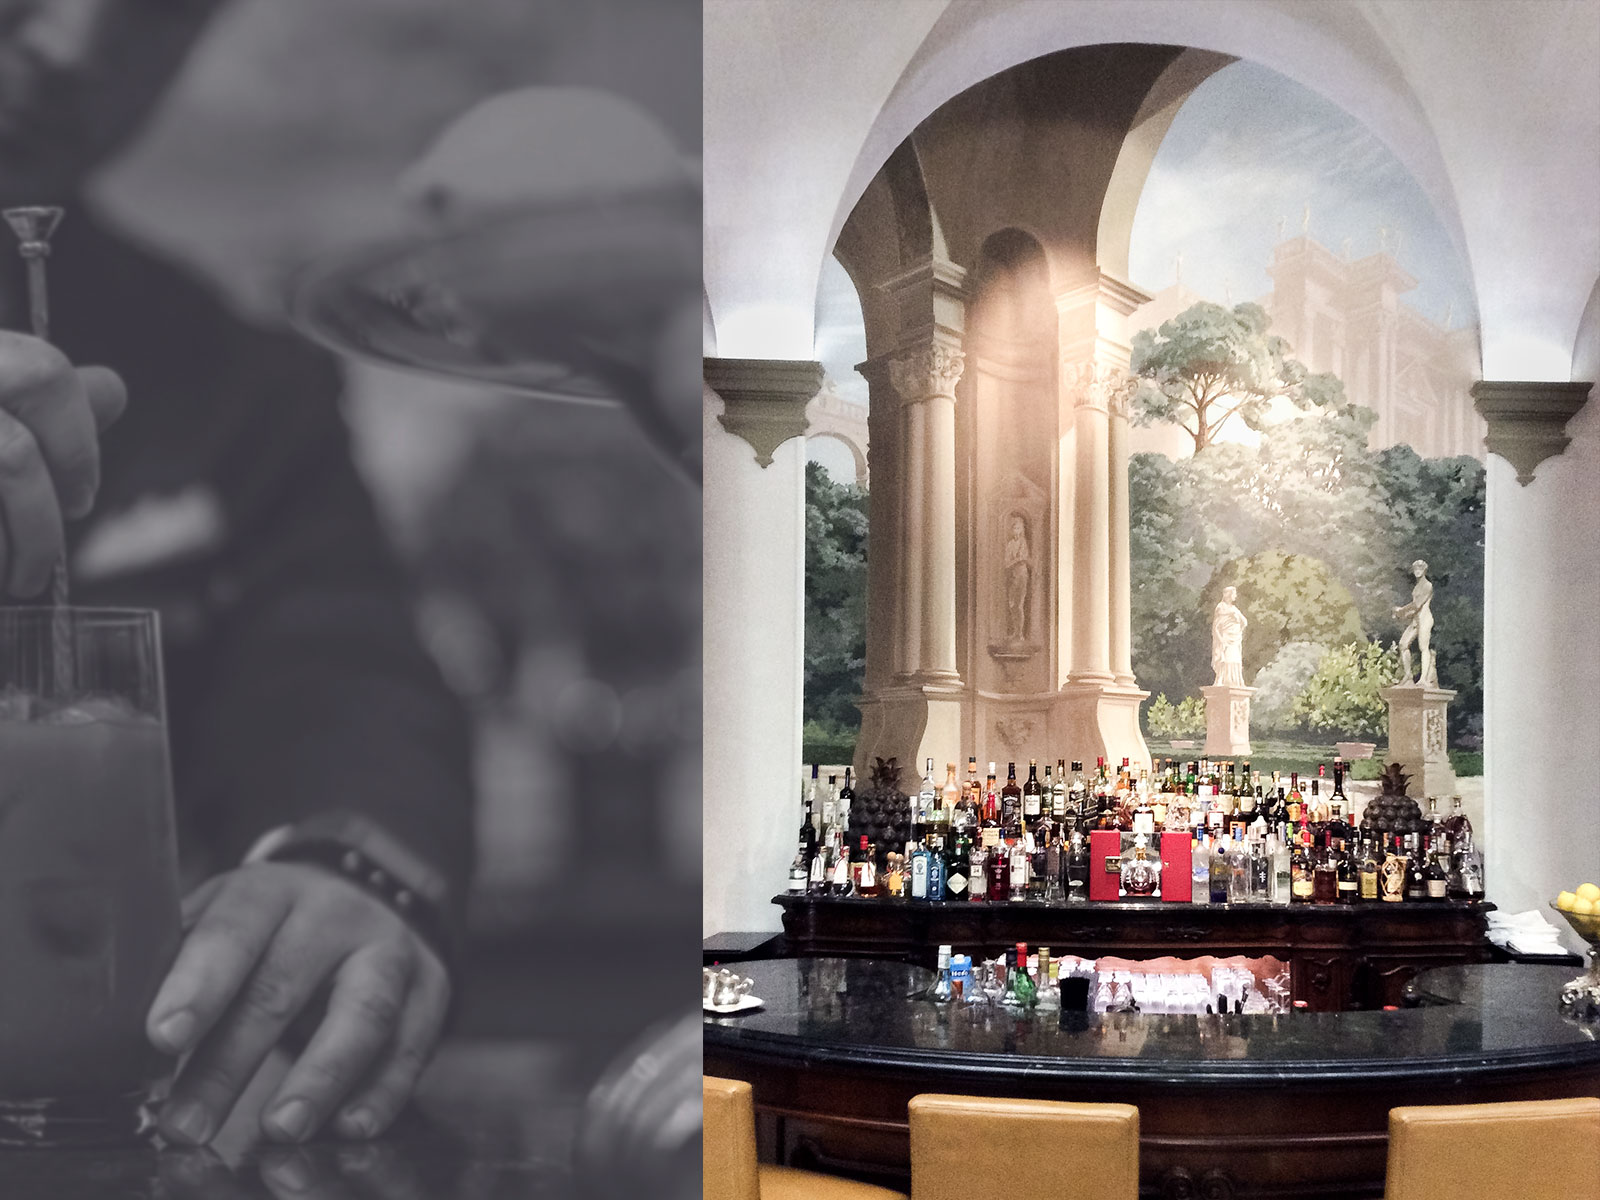 Bar St. Regis Florence - Alexander Hamilton - Decorative Painter - London